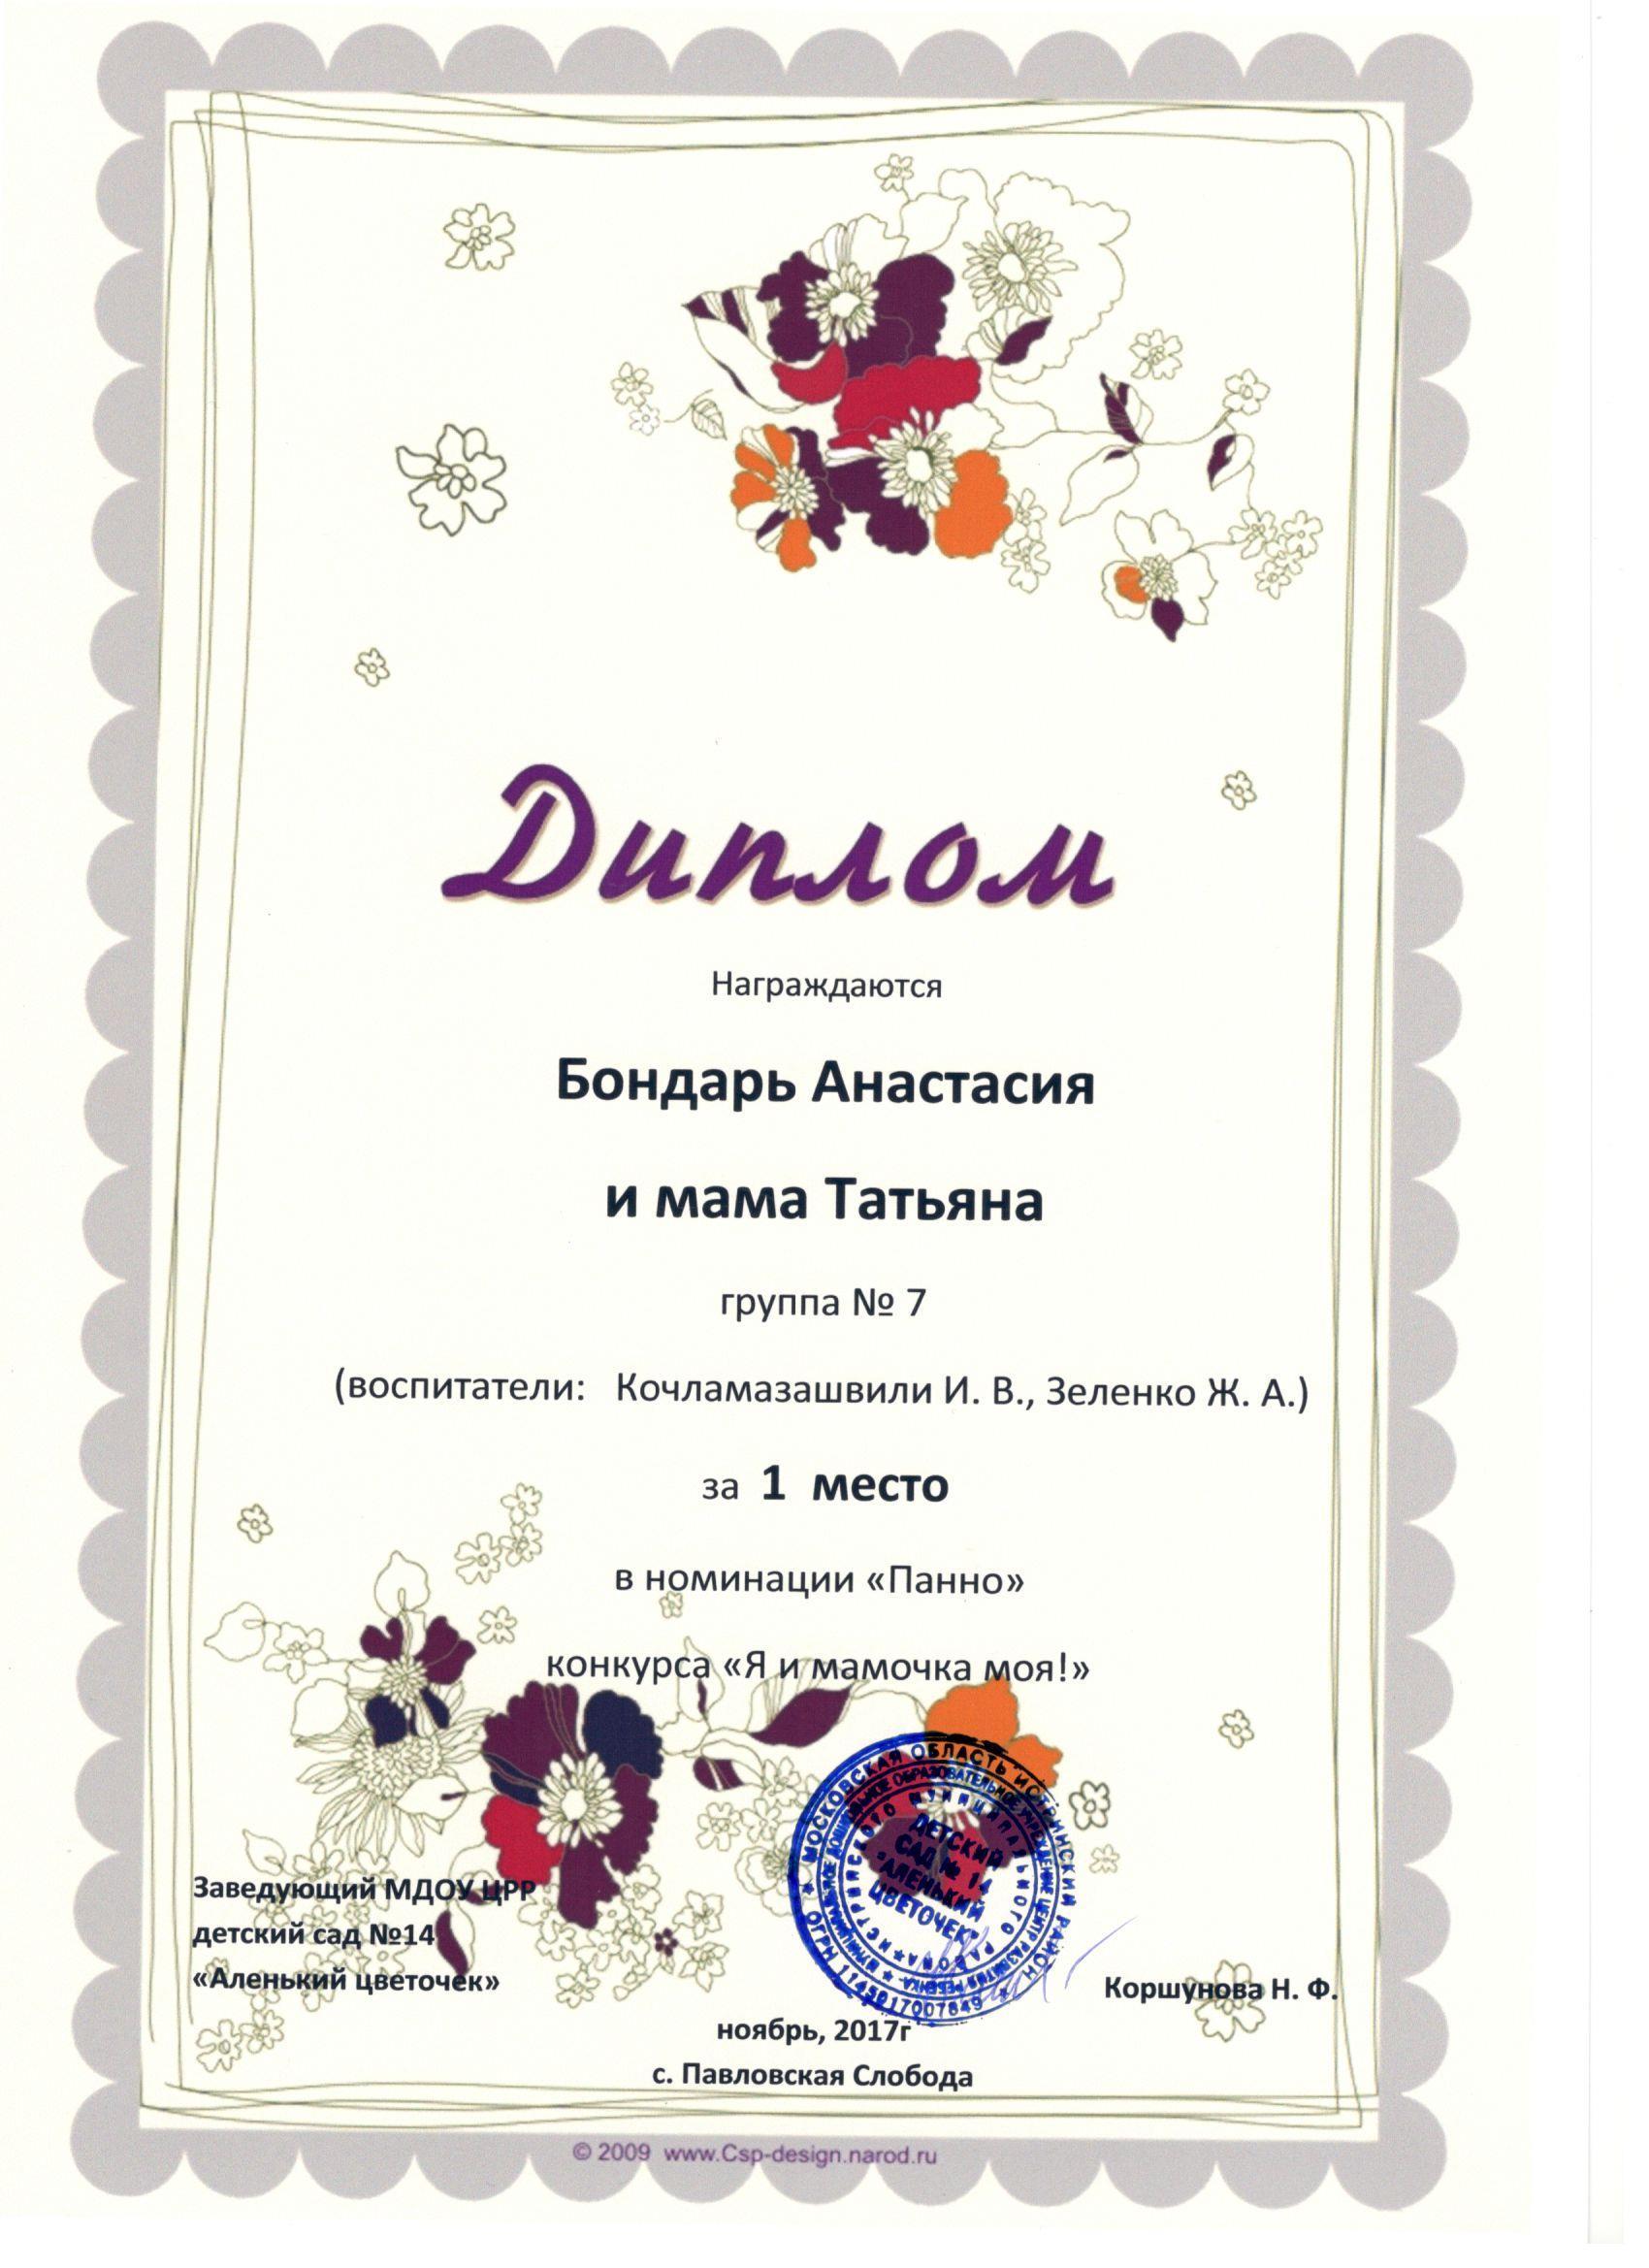 Бондарь Анастасия